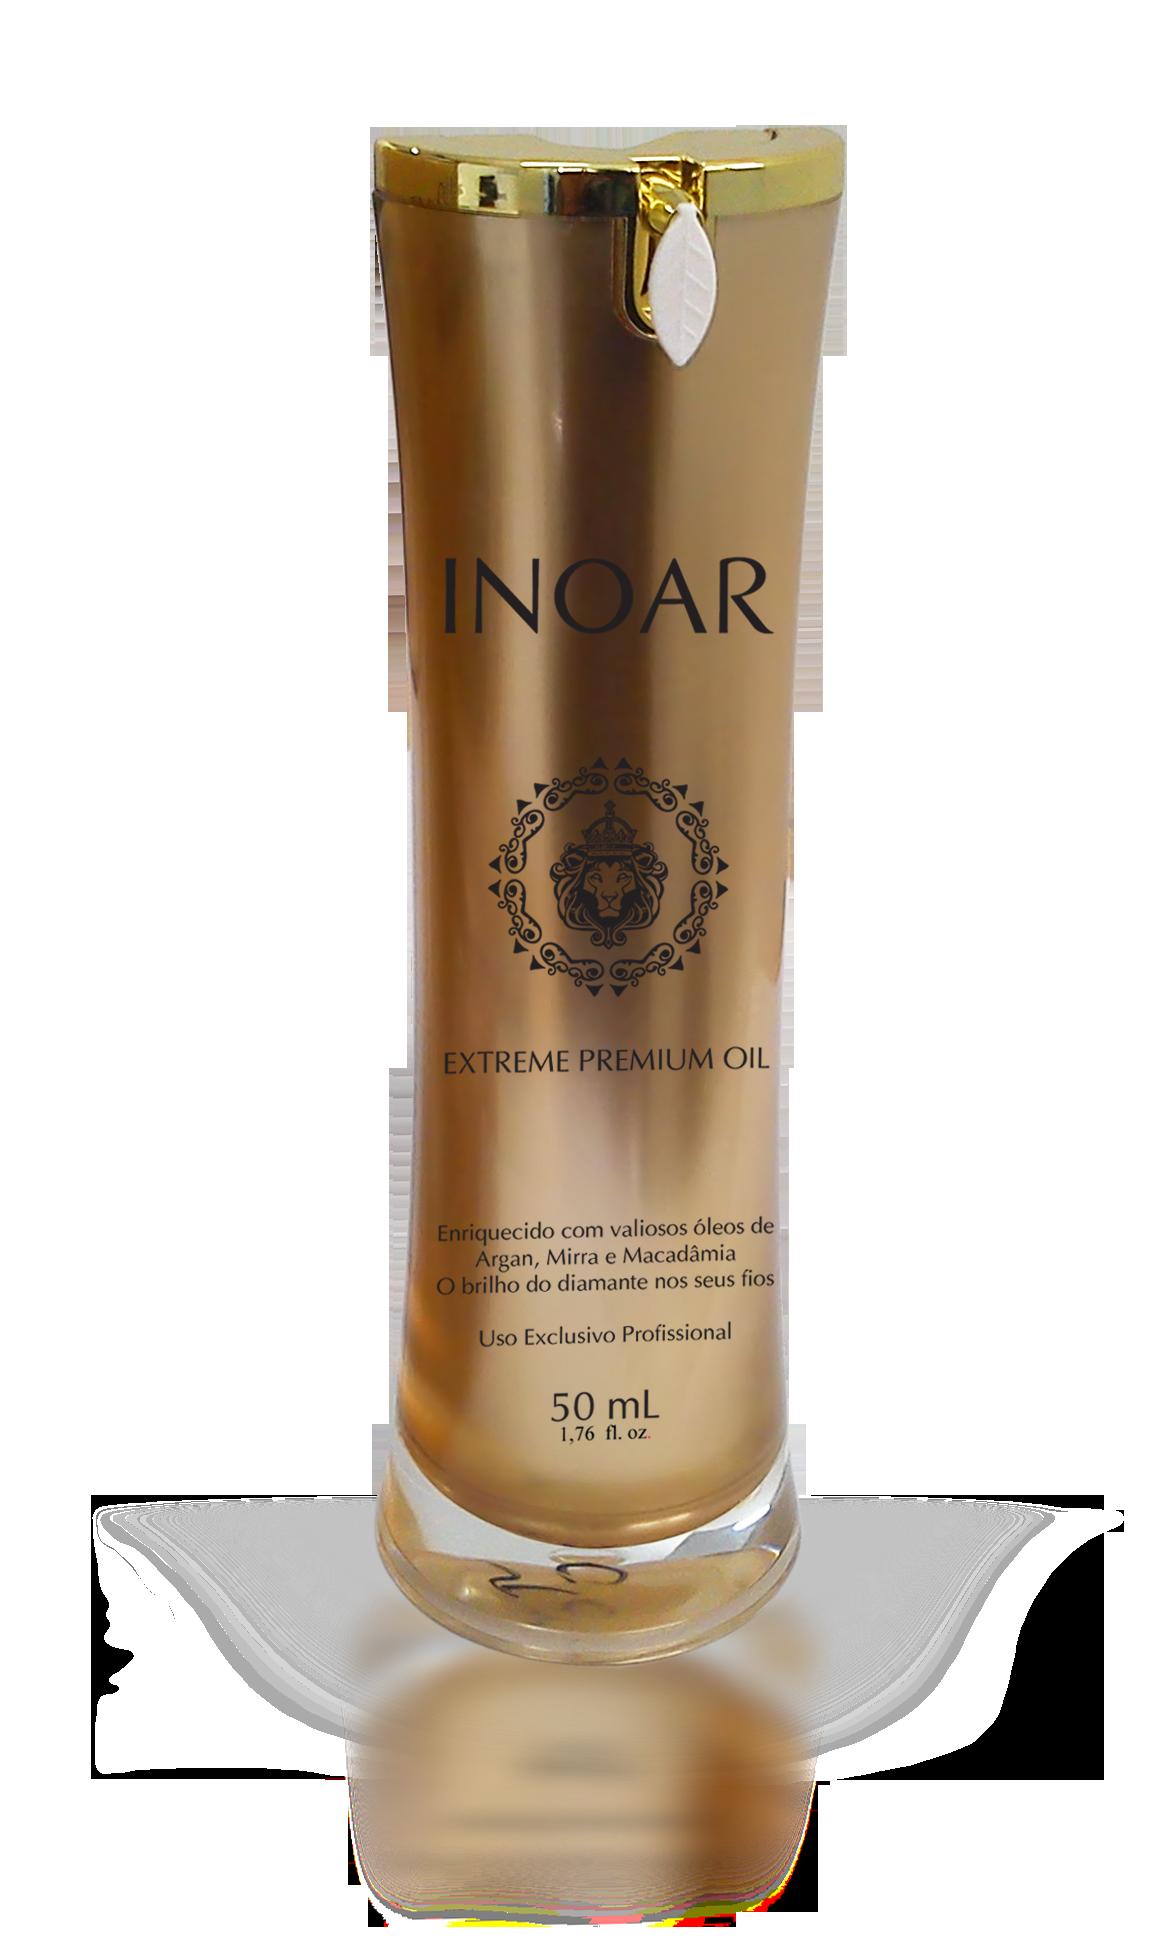 INOAR-Exttreme-Premium-OIl -fashionjazz